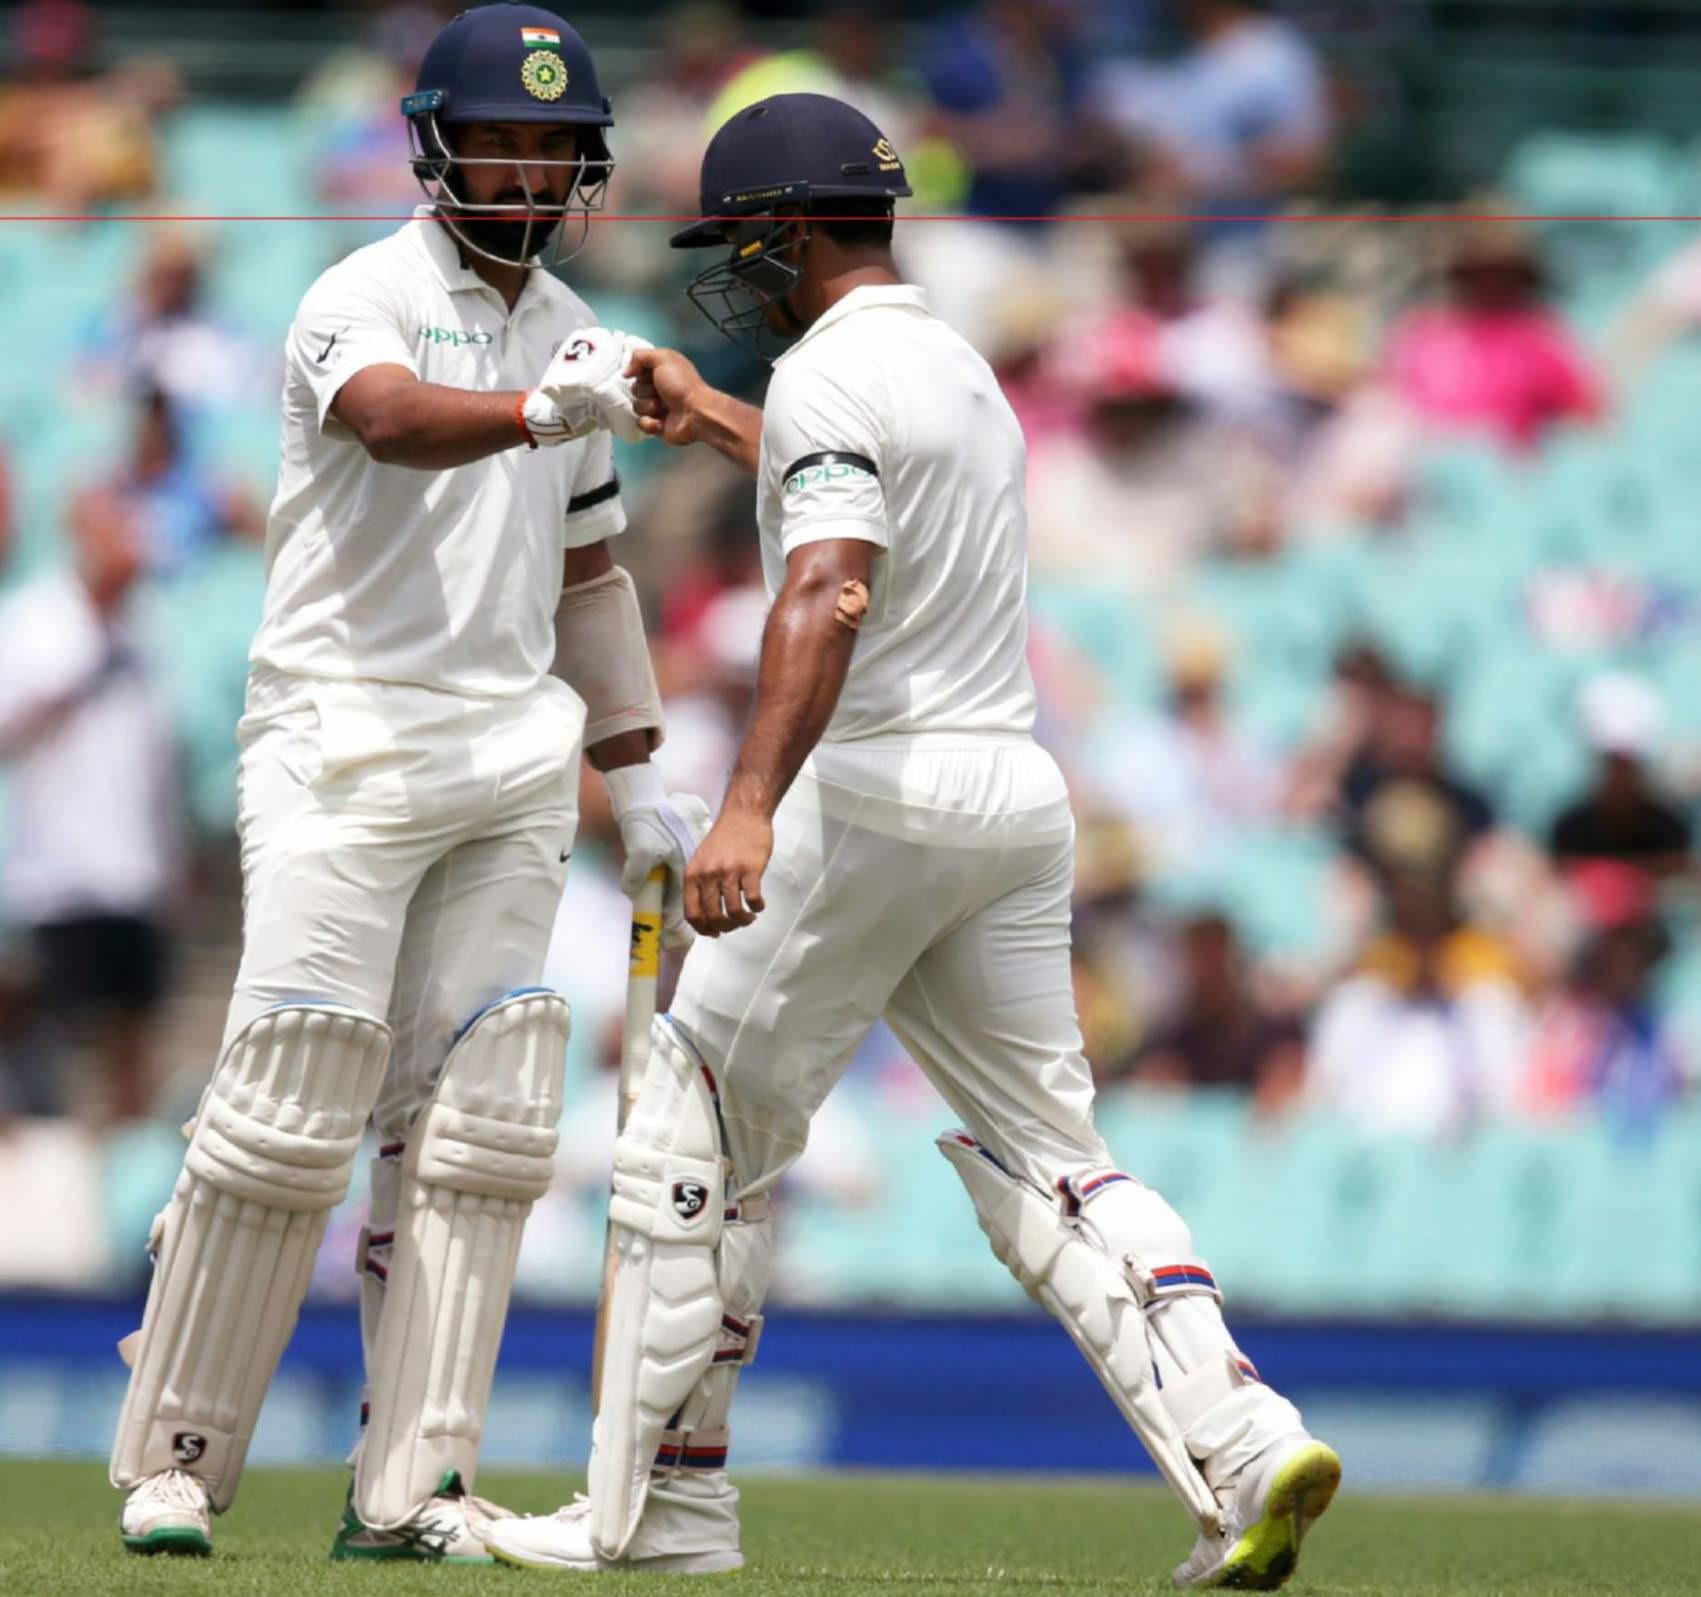 Mayank Agarwal The New Rising Star Of Indian Cricket